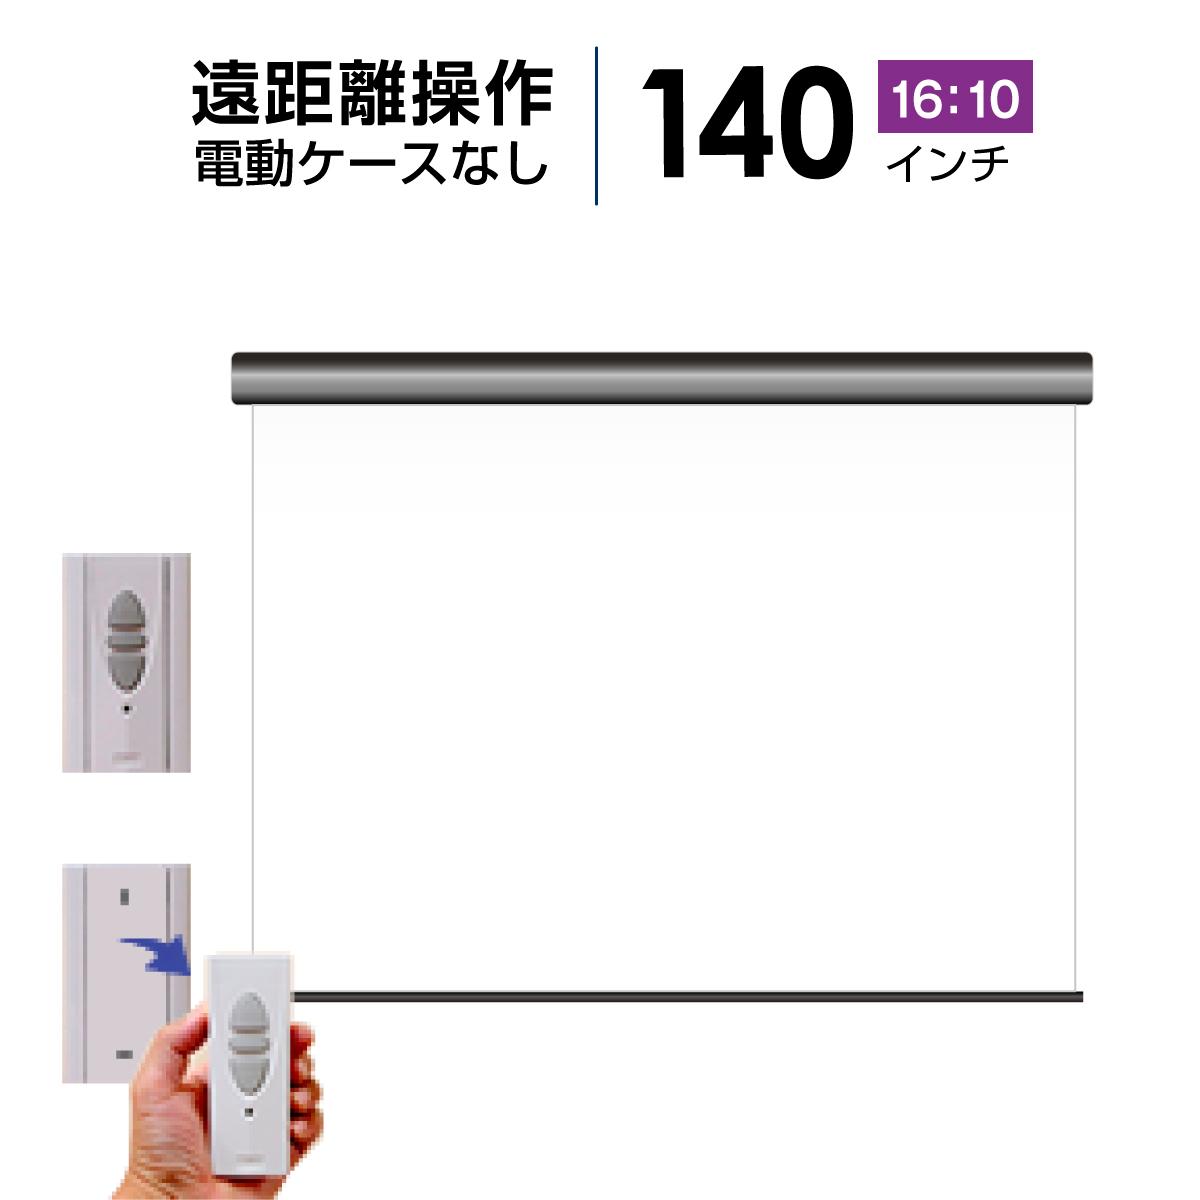 プロジェクタースクリーン 【業界初!!10年保証/送料無料】 長距離操作 電動スクリーン 140インチ(16:10)WXGA マスクフリー WRF3015FEH